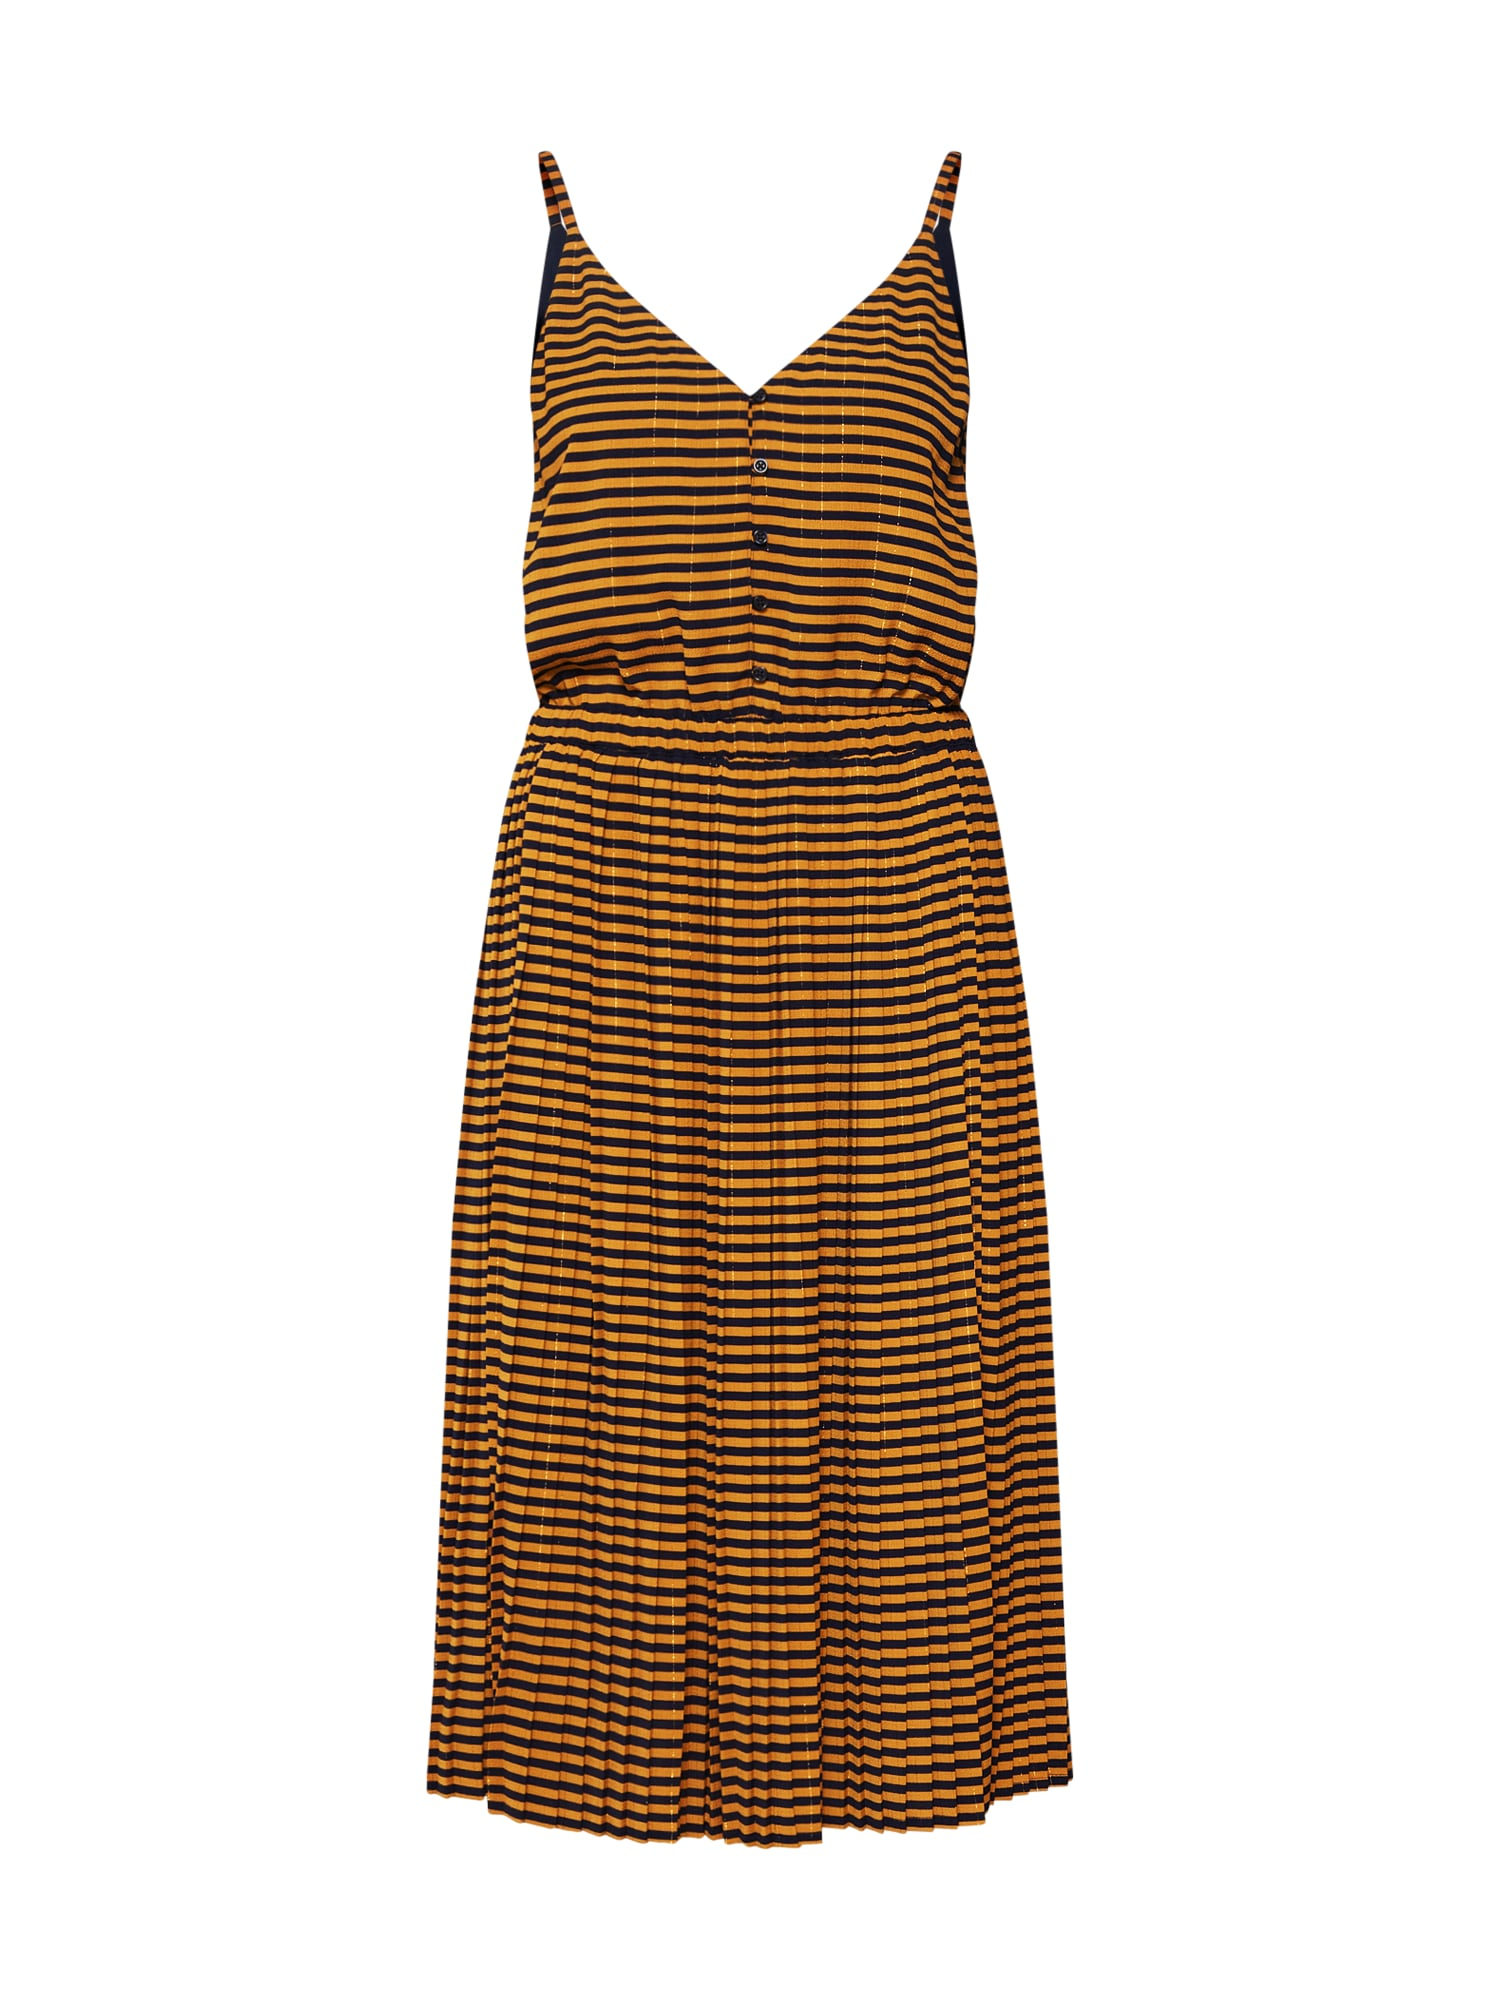 Letní šaty námořnická modř zlatá Sessun